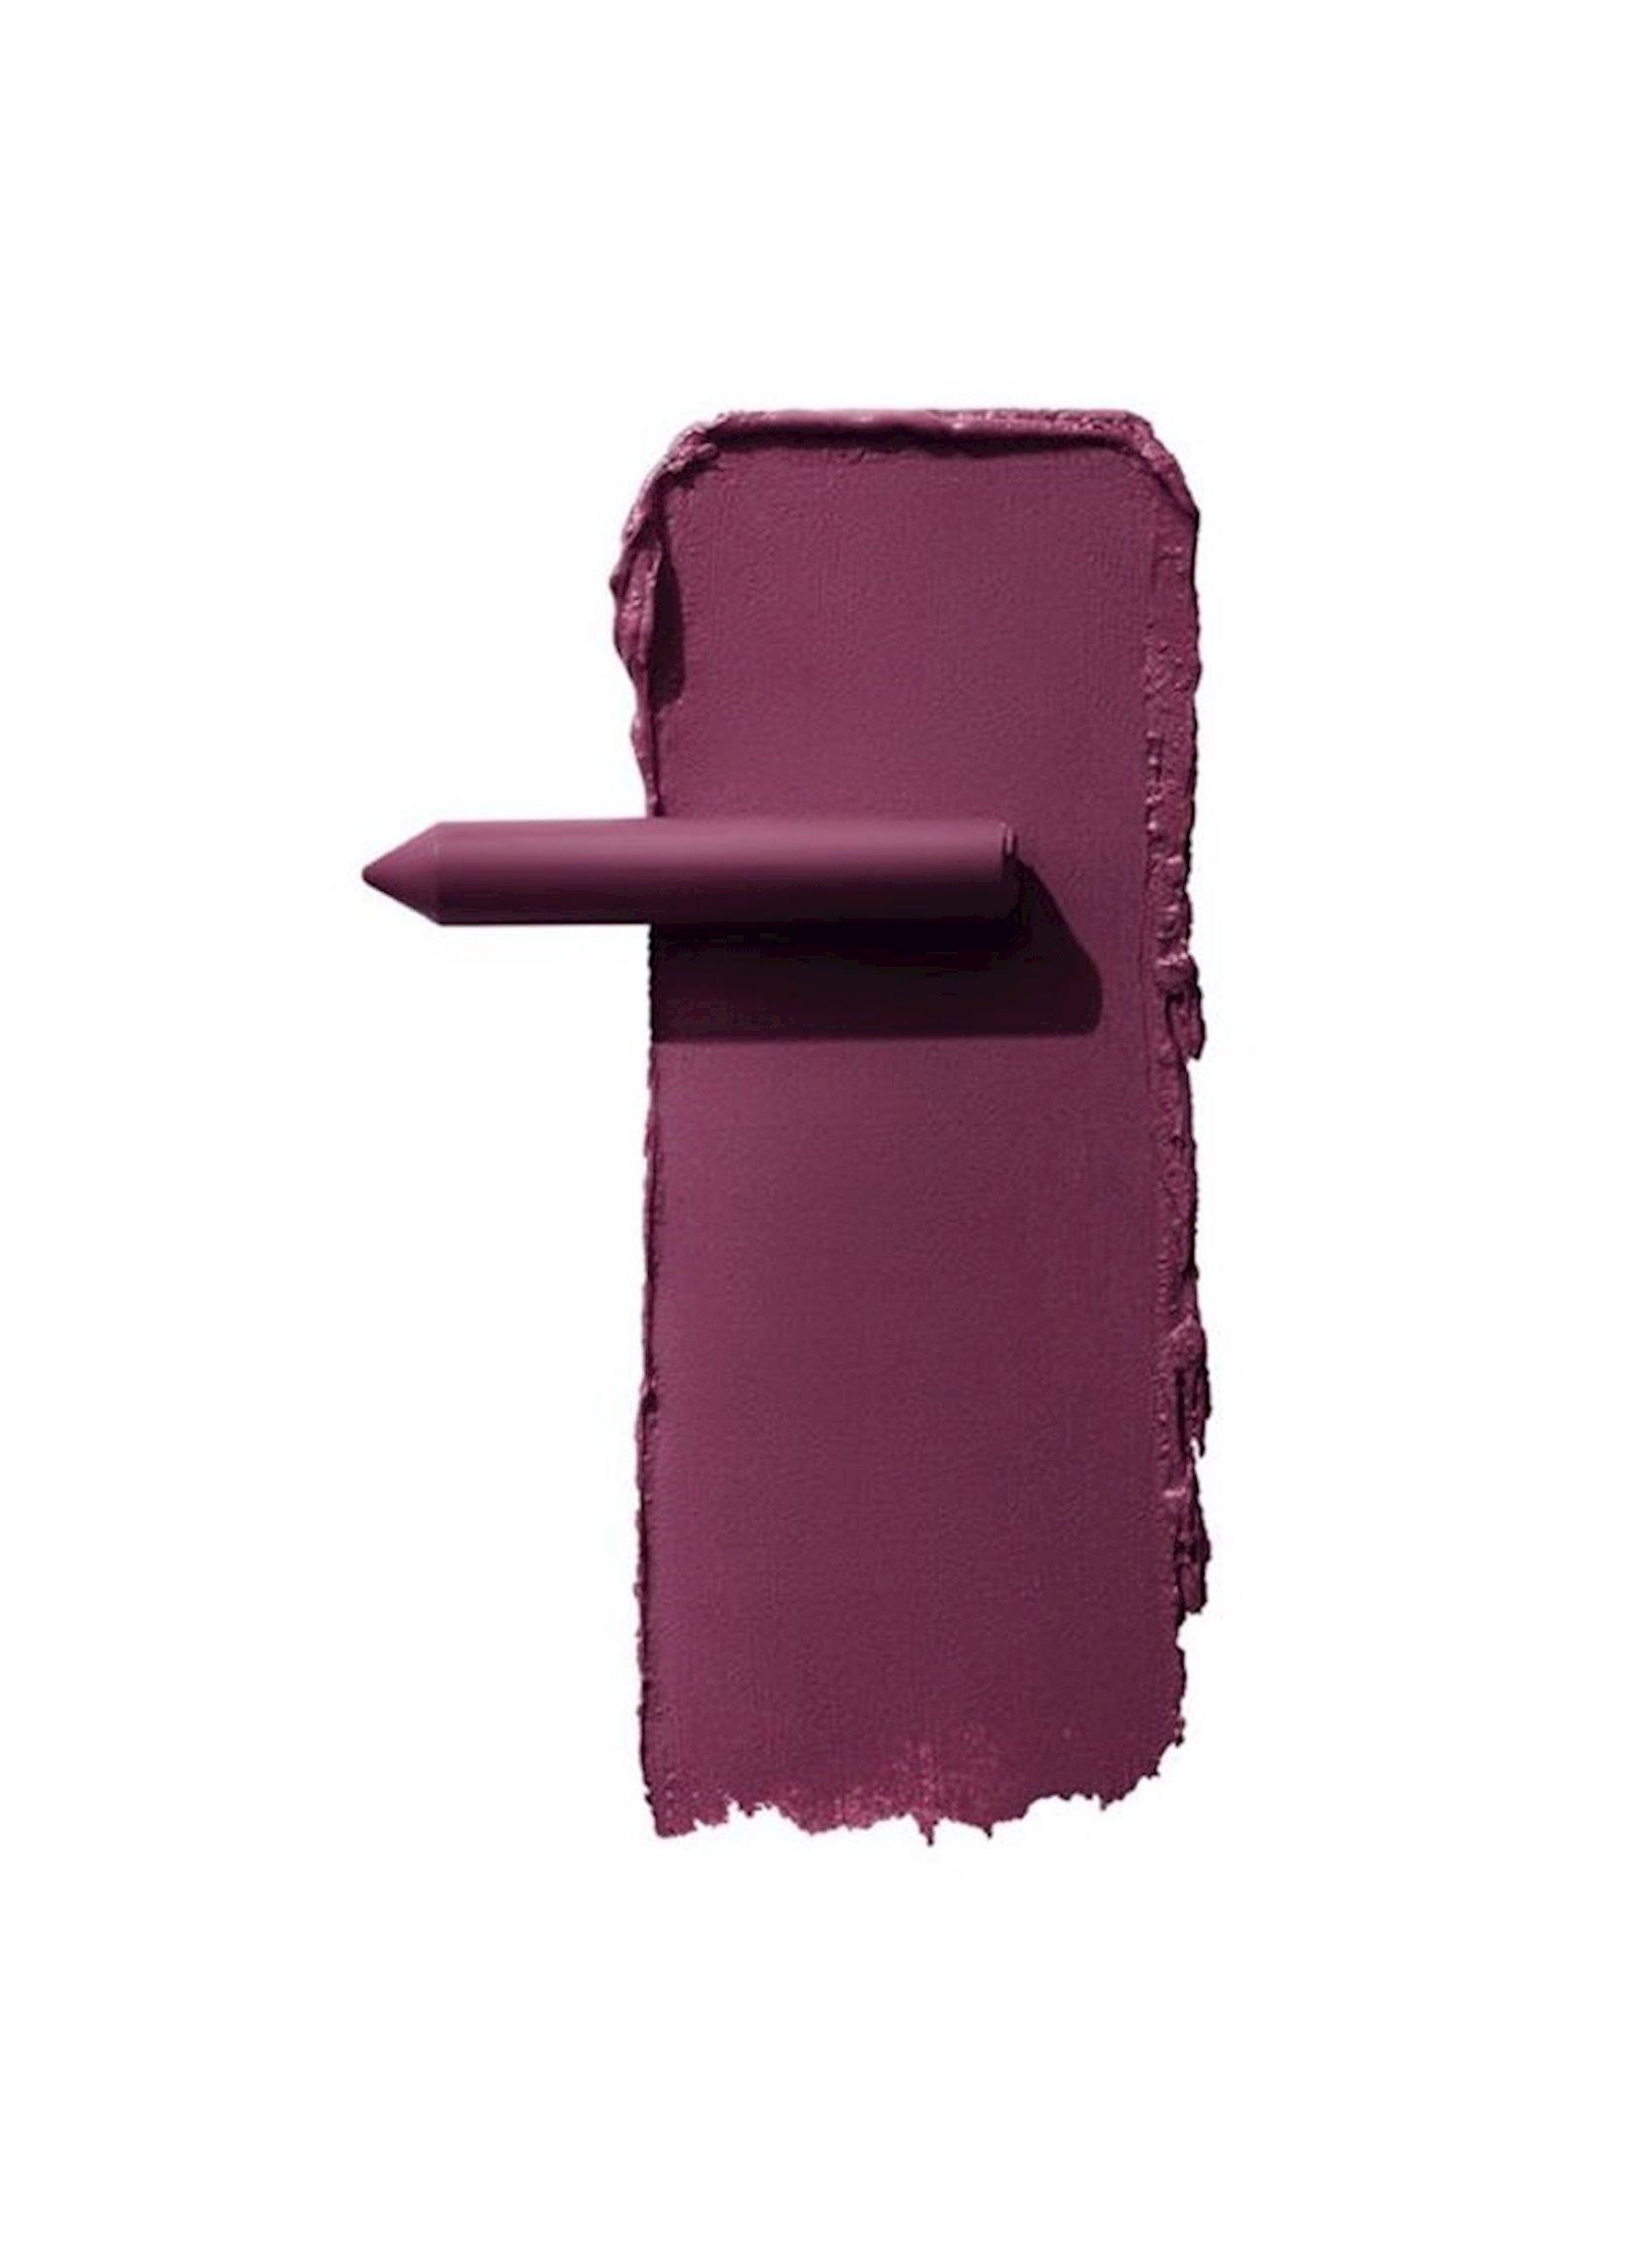 Pomada-qələm Maybelline New York Super Stay Ink Crayon çalar 60 Accept A Dare